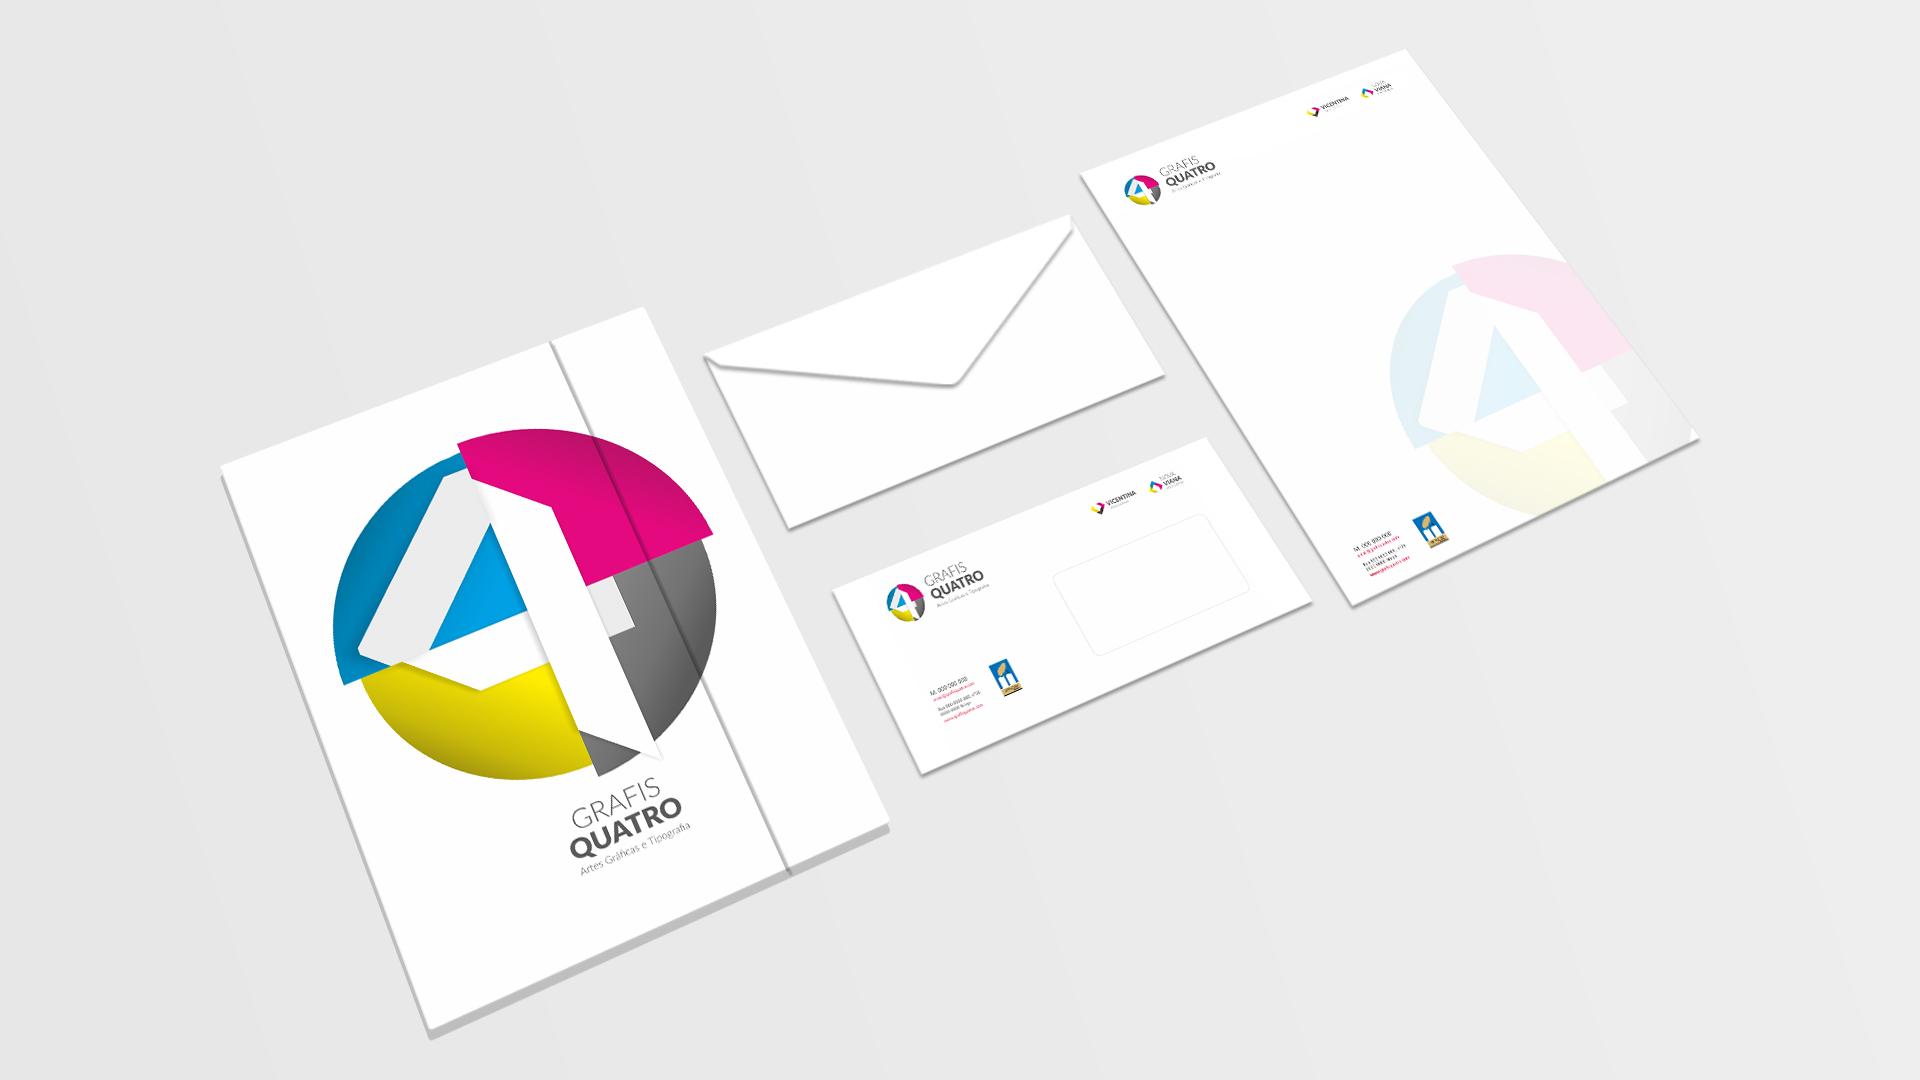 Grafisquatro-estacionário-design gráfico-publicidade